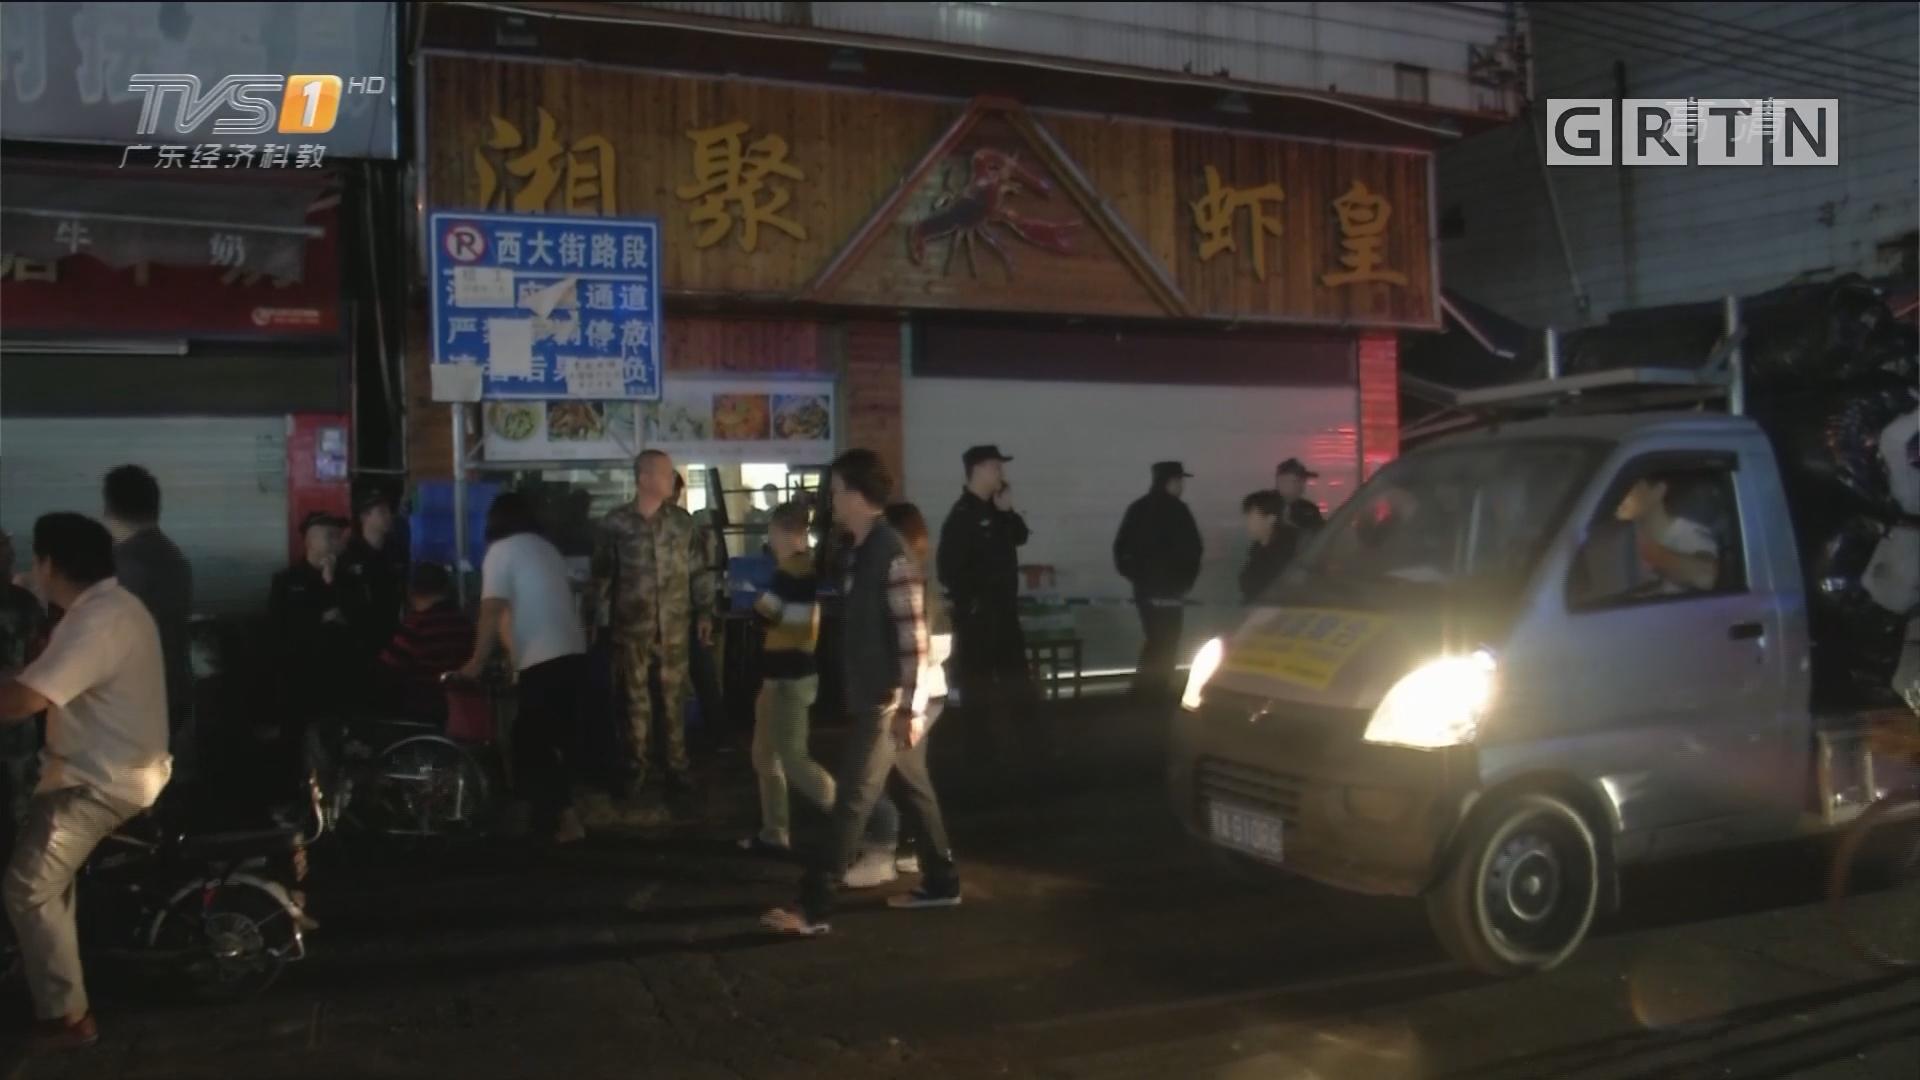 广州:警方紧急出动 擒持刀男解救女人质